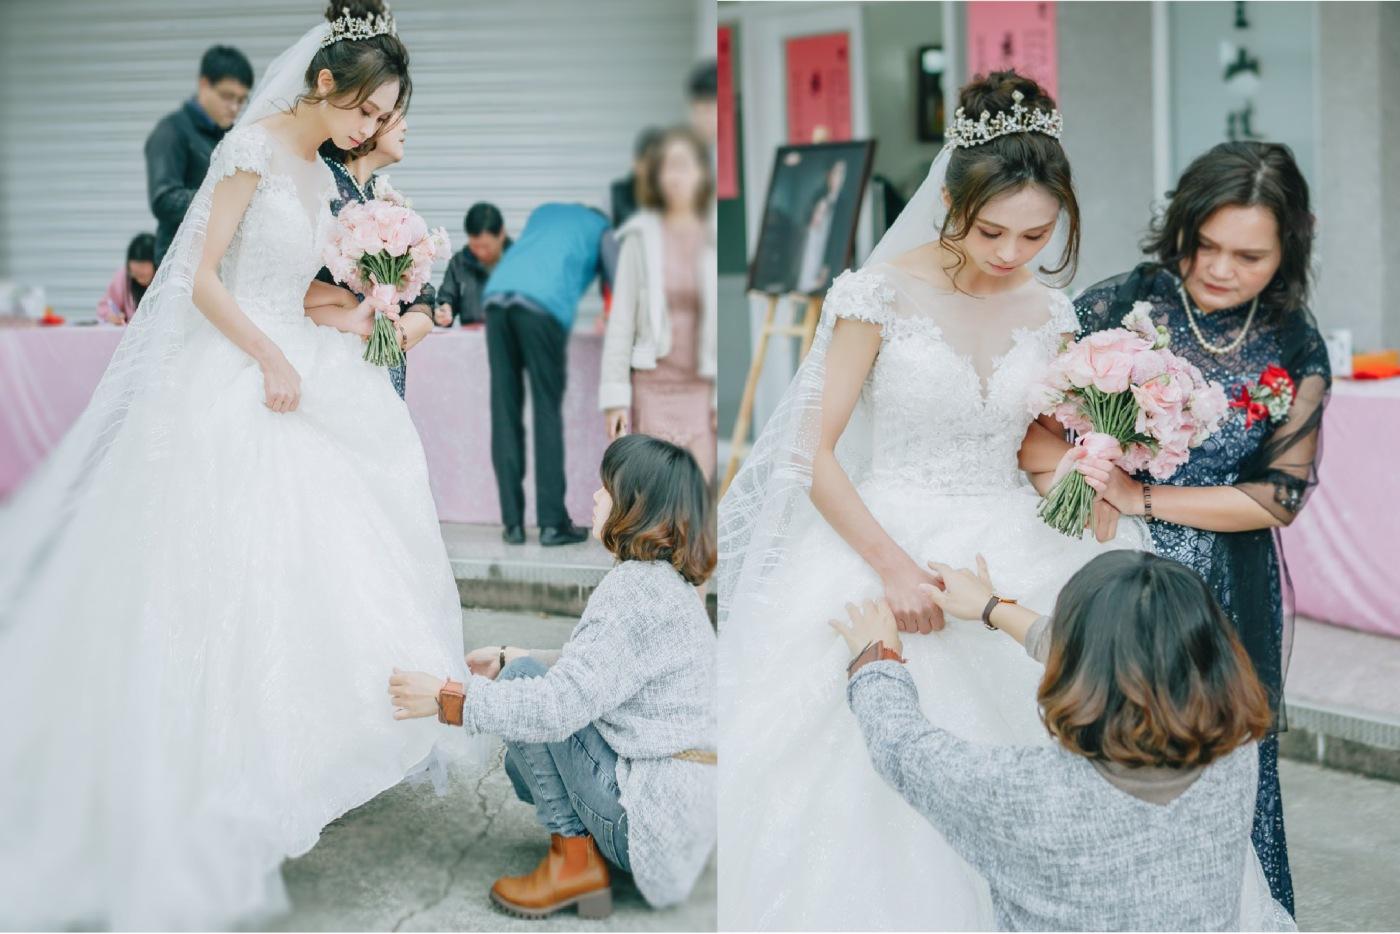 台北新秘推薦|新娘秘書雨晴|婚禮攝影平面紀錄|七囍|GTpeng|時間安排|結婚流程|白紗裙擺